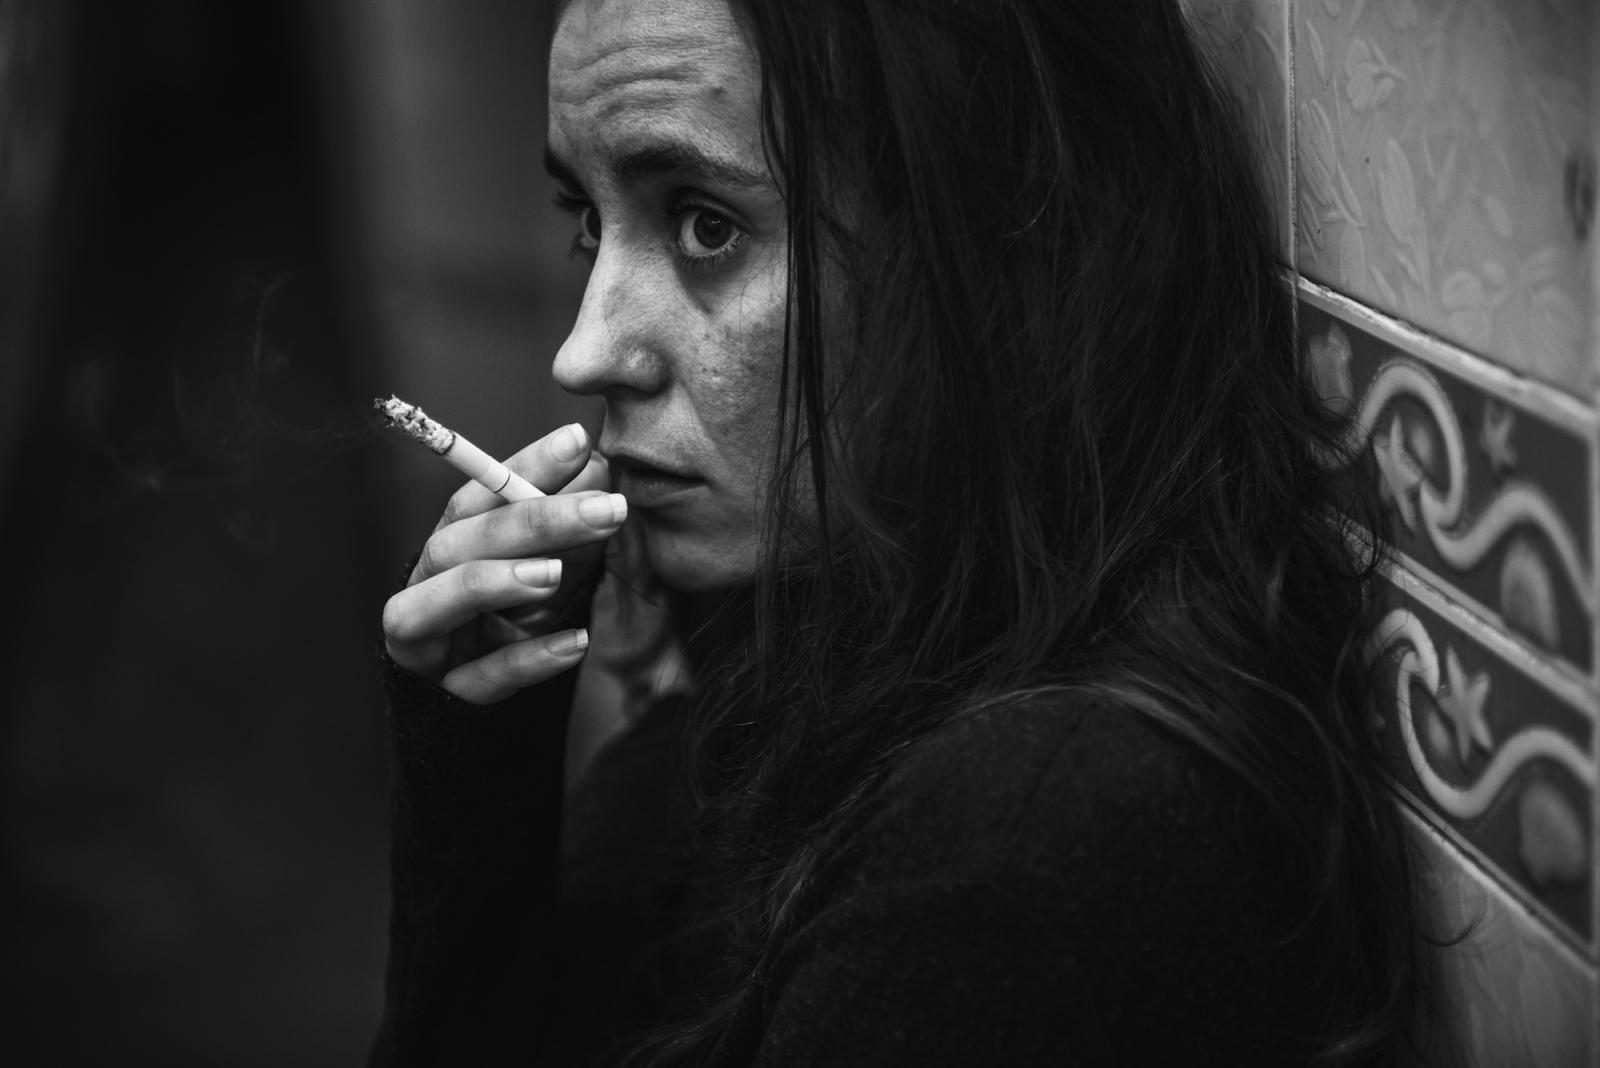 Курением стресс не лечится